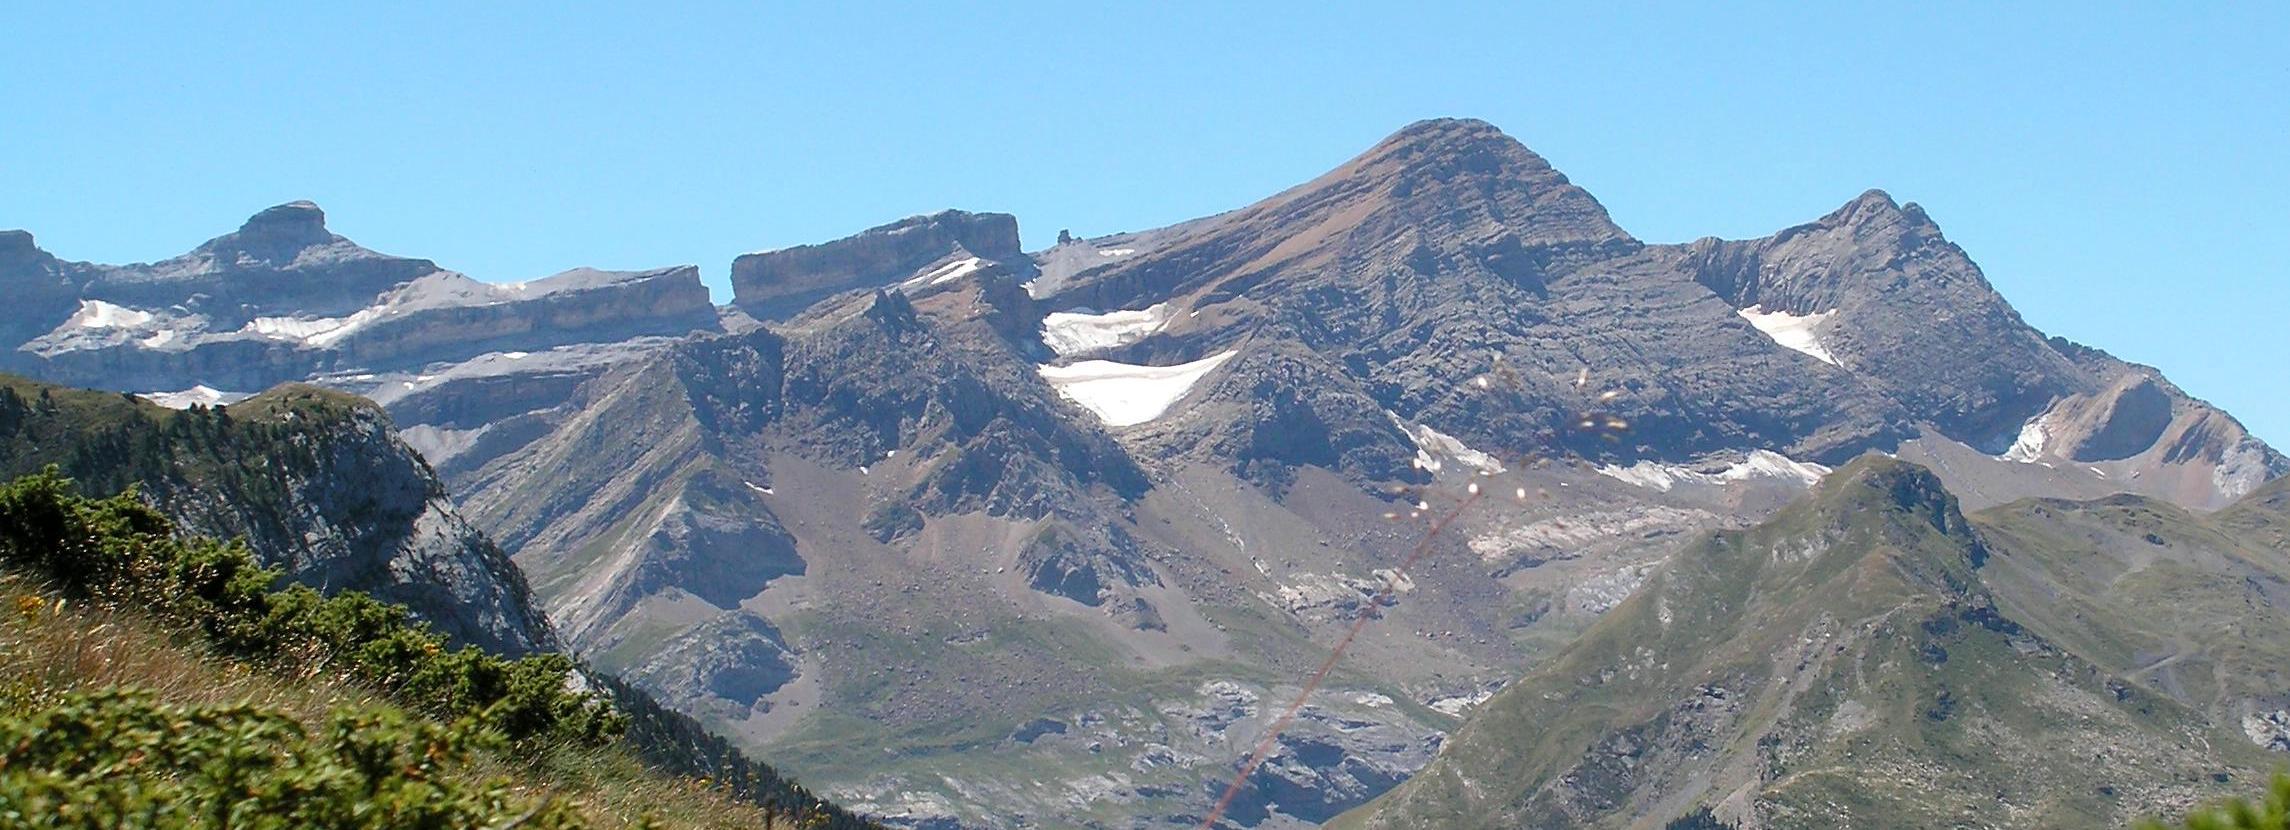 Wrota Rolanda Pireneje